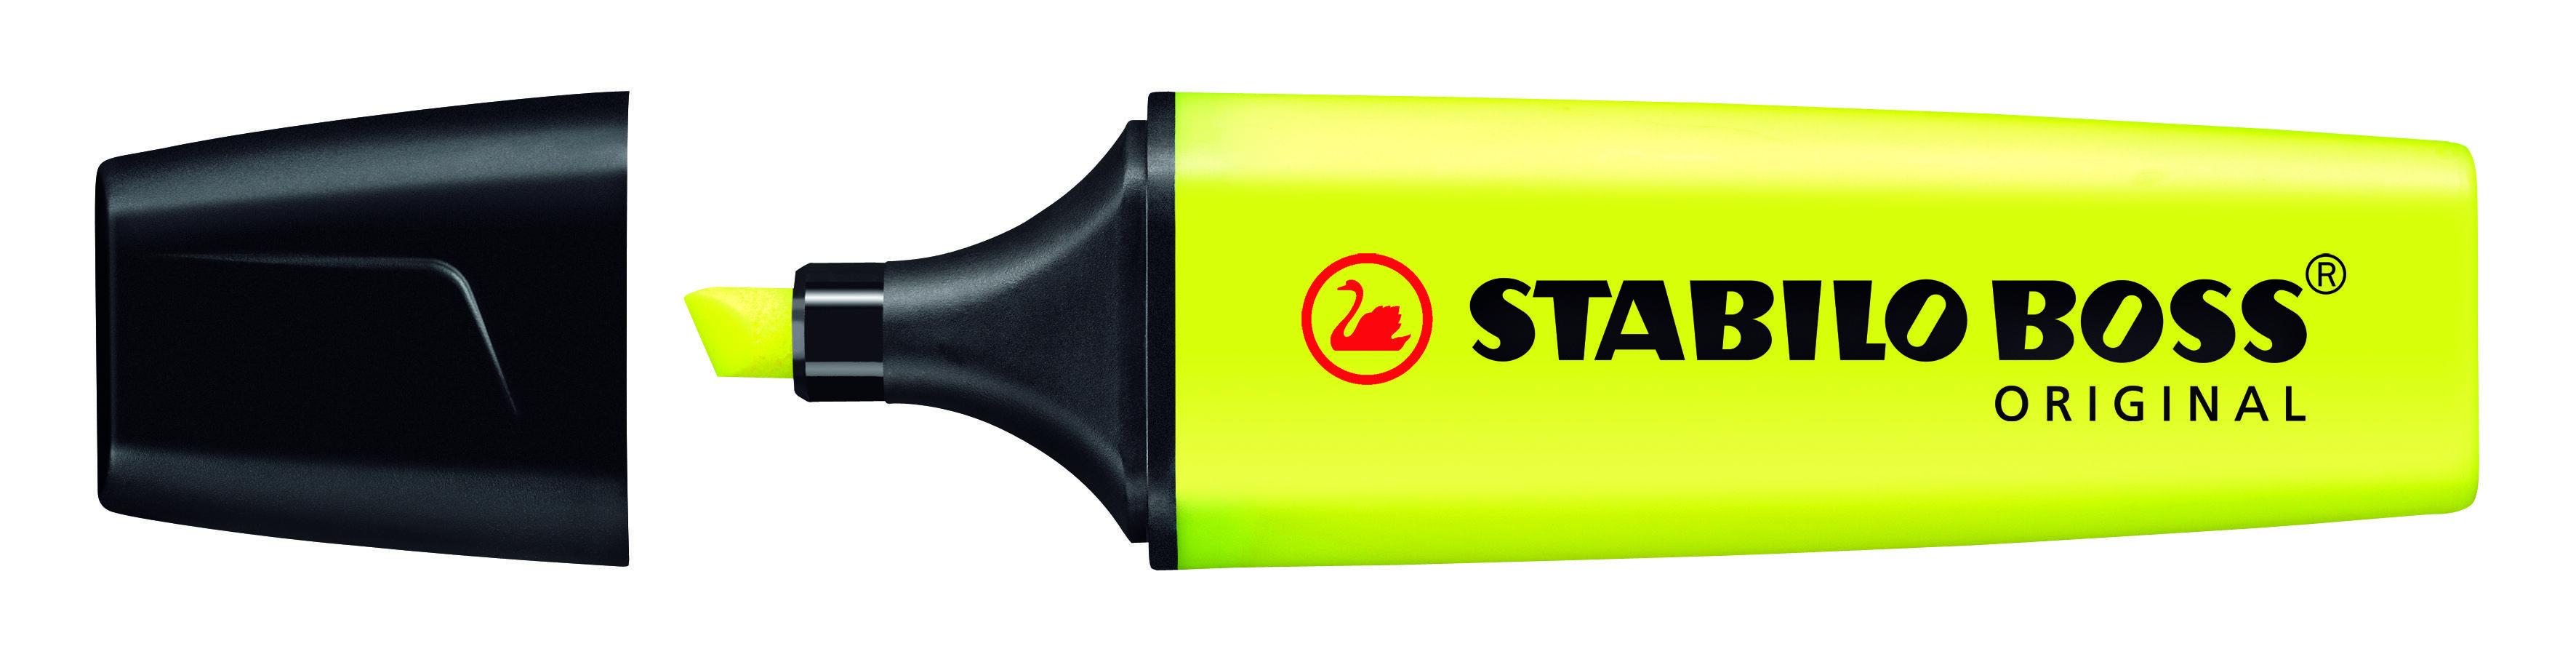 STABILO BOSS ORIGINAL - Pack de 4 surligneurs - orange, jaune, vert, rose